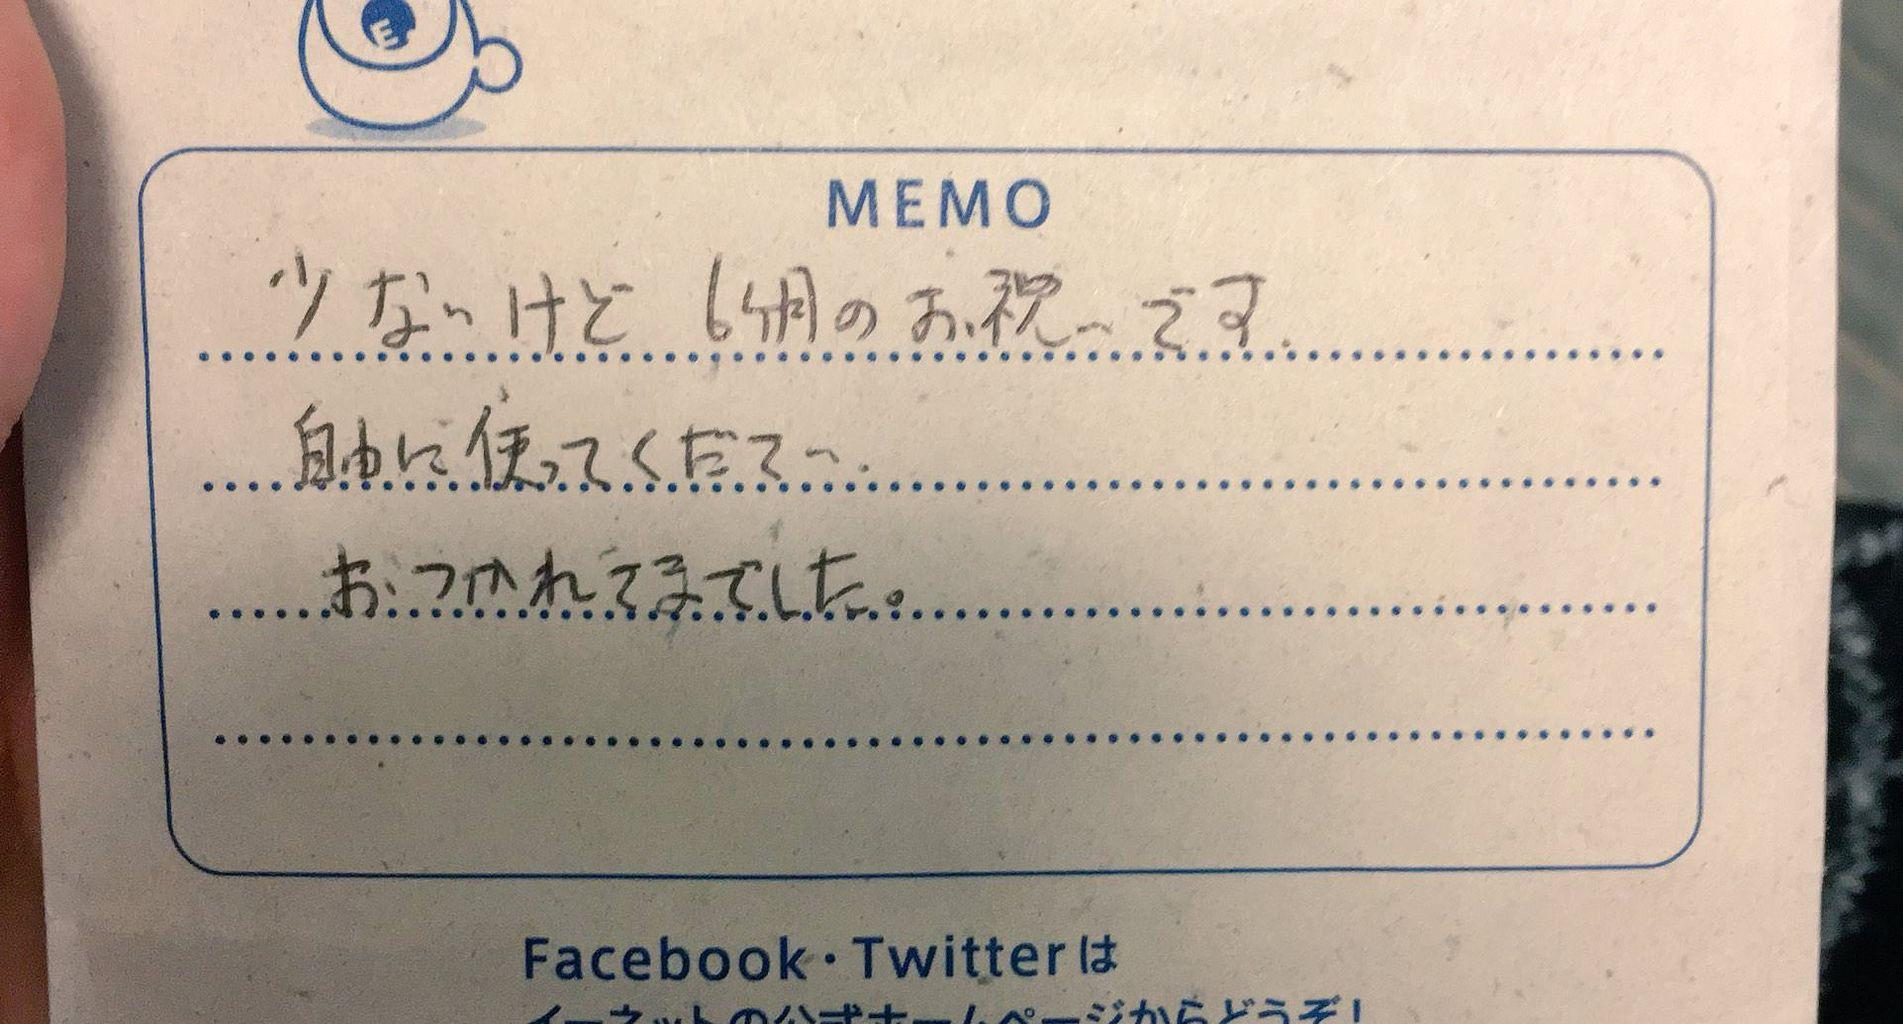 ママ女子「旦那が子どもの母乳代として10万円くれた・・・自慢いいすか・・・?」